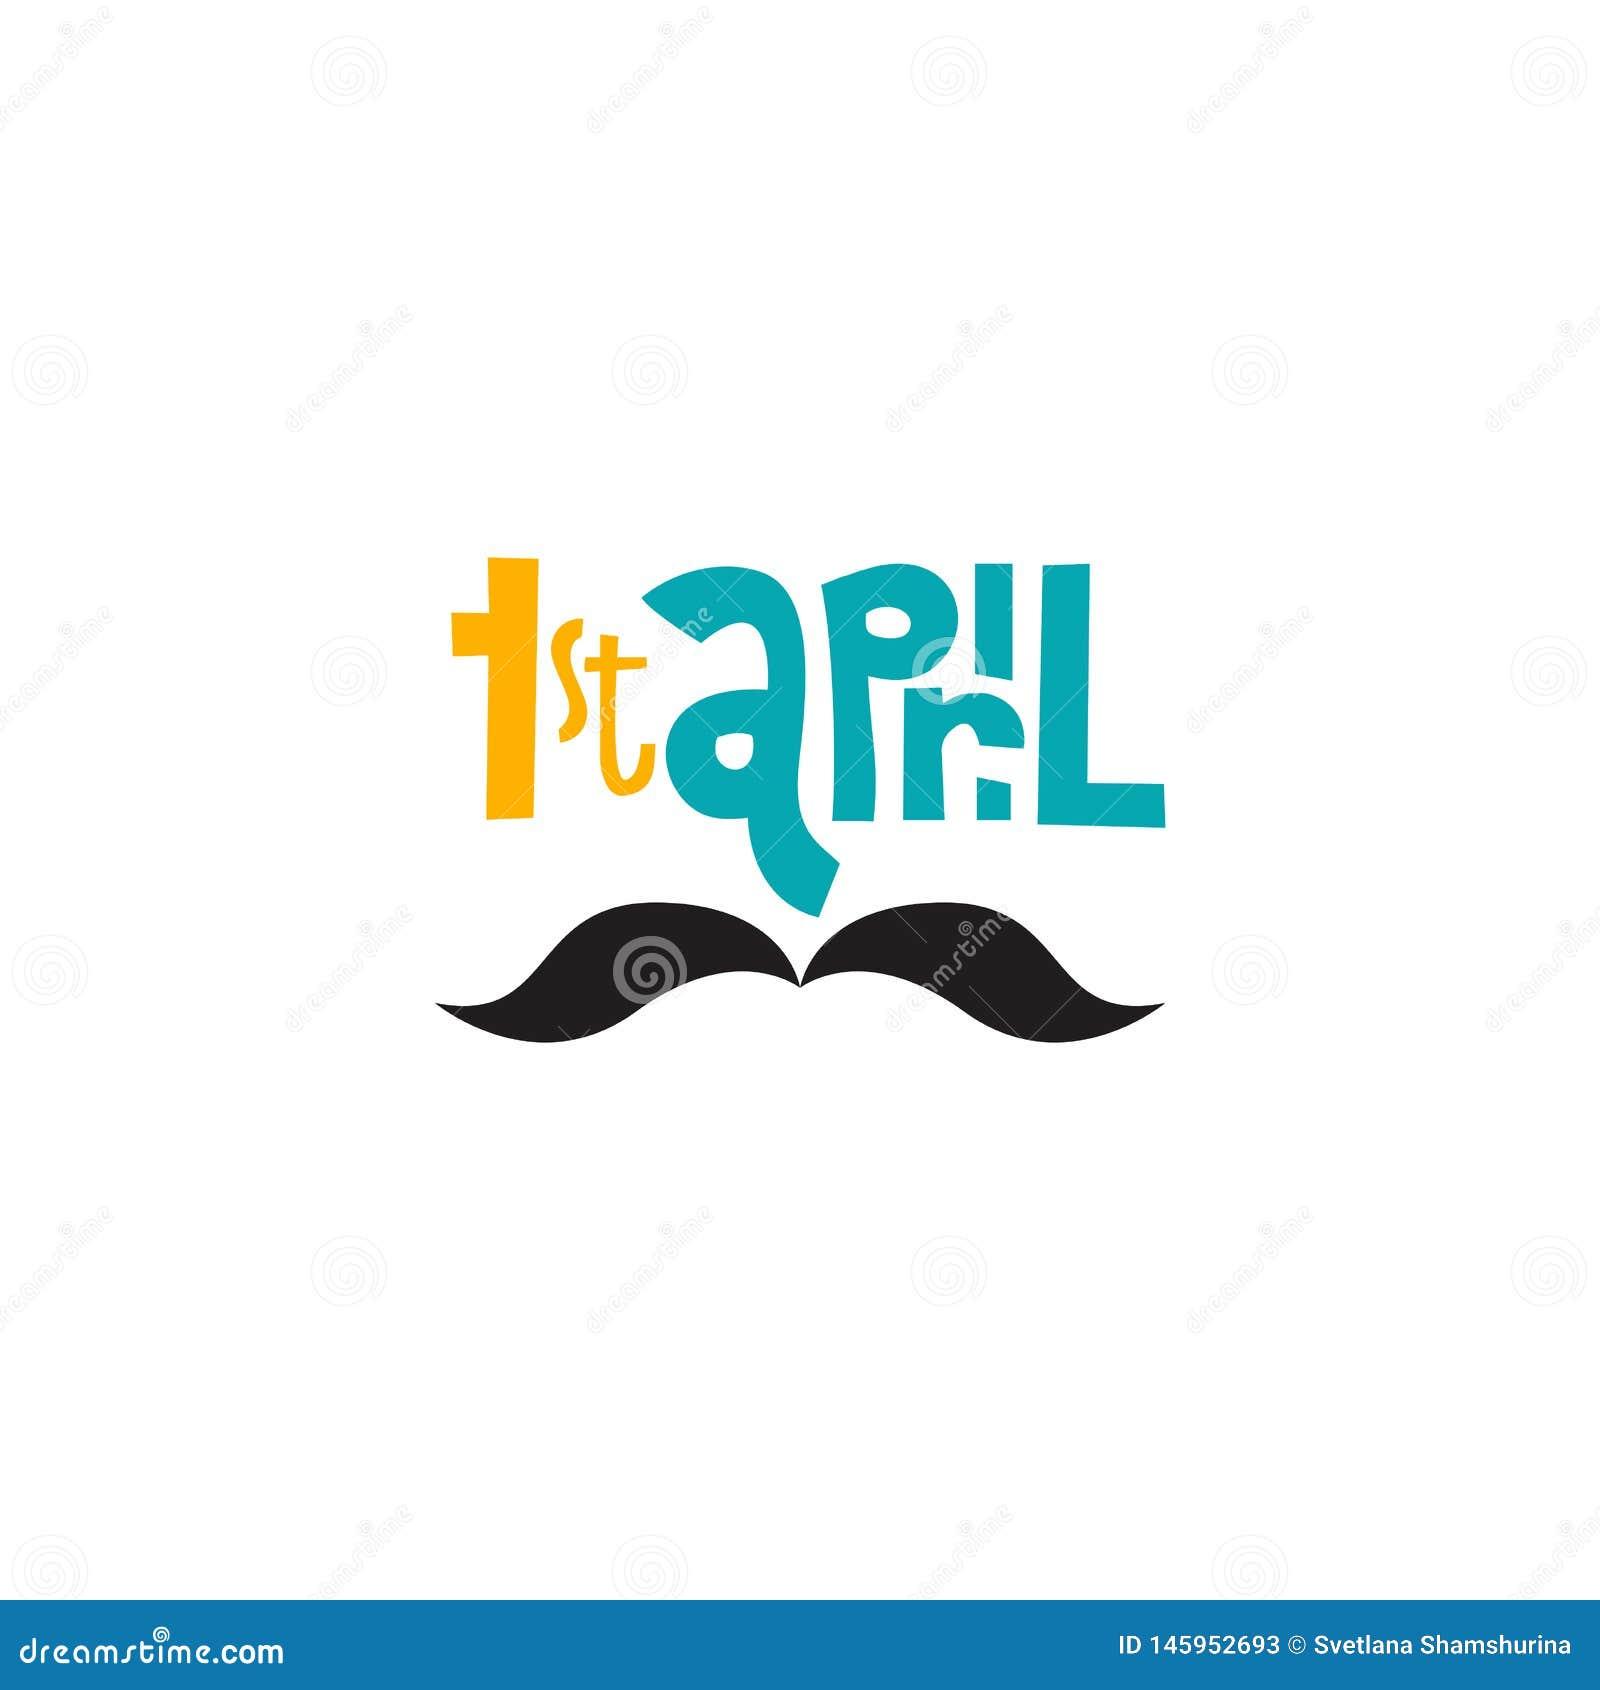 Gru?karten-Vektorillustration der gl?cklichen Dummk?pfe Tagesauf wei?em Hintergrund 1. April Hand gezeichneten Lettrings mit Schw